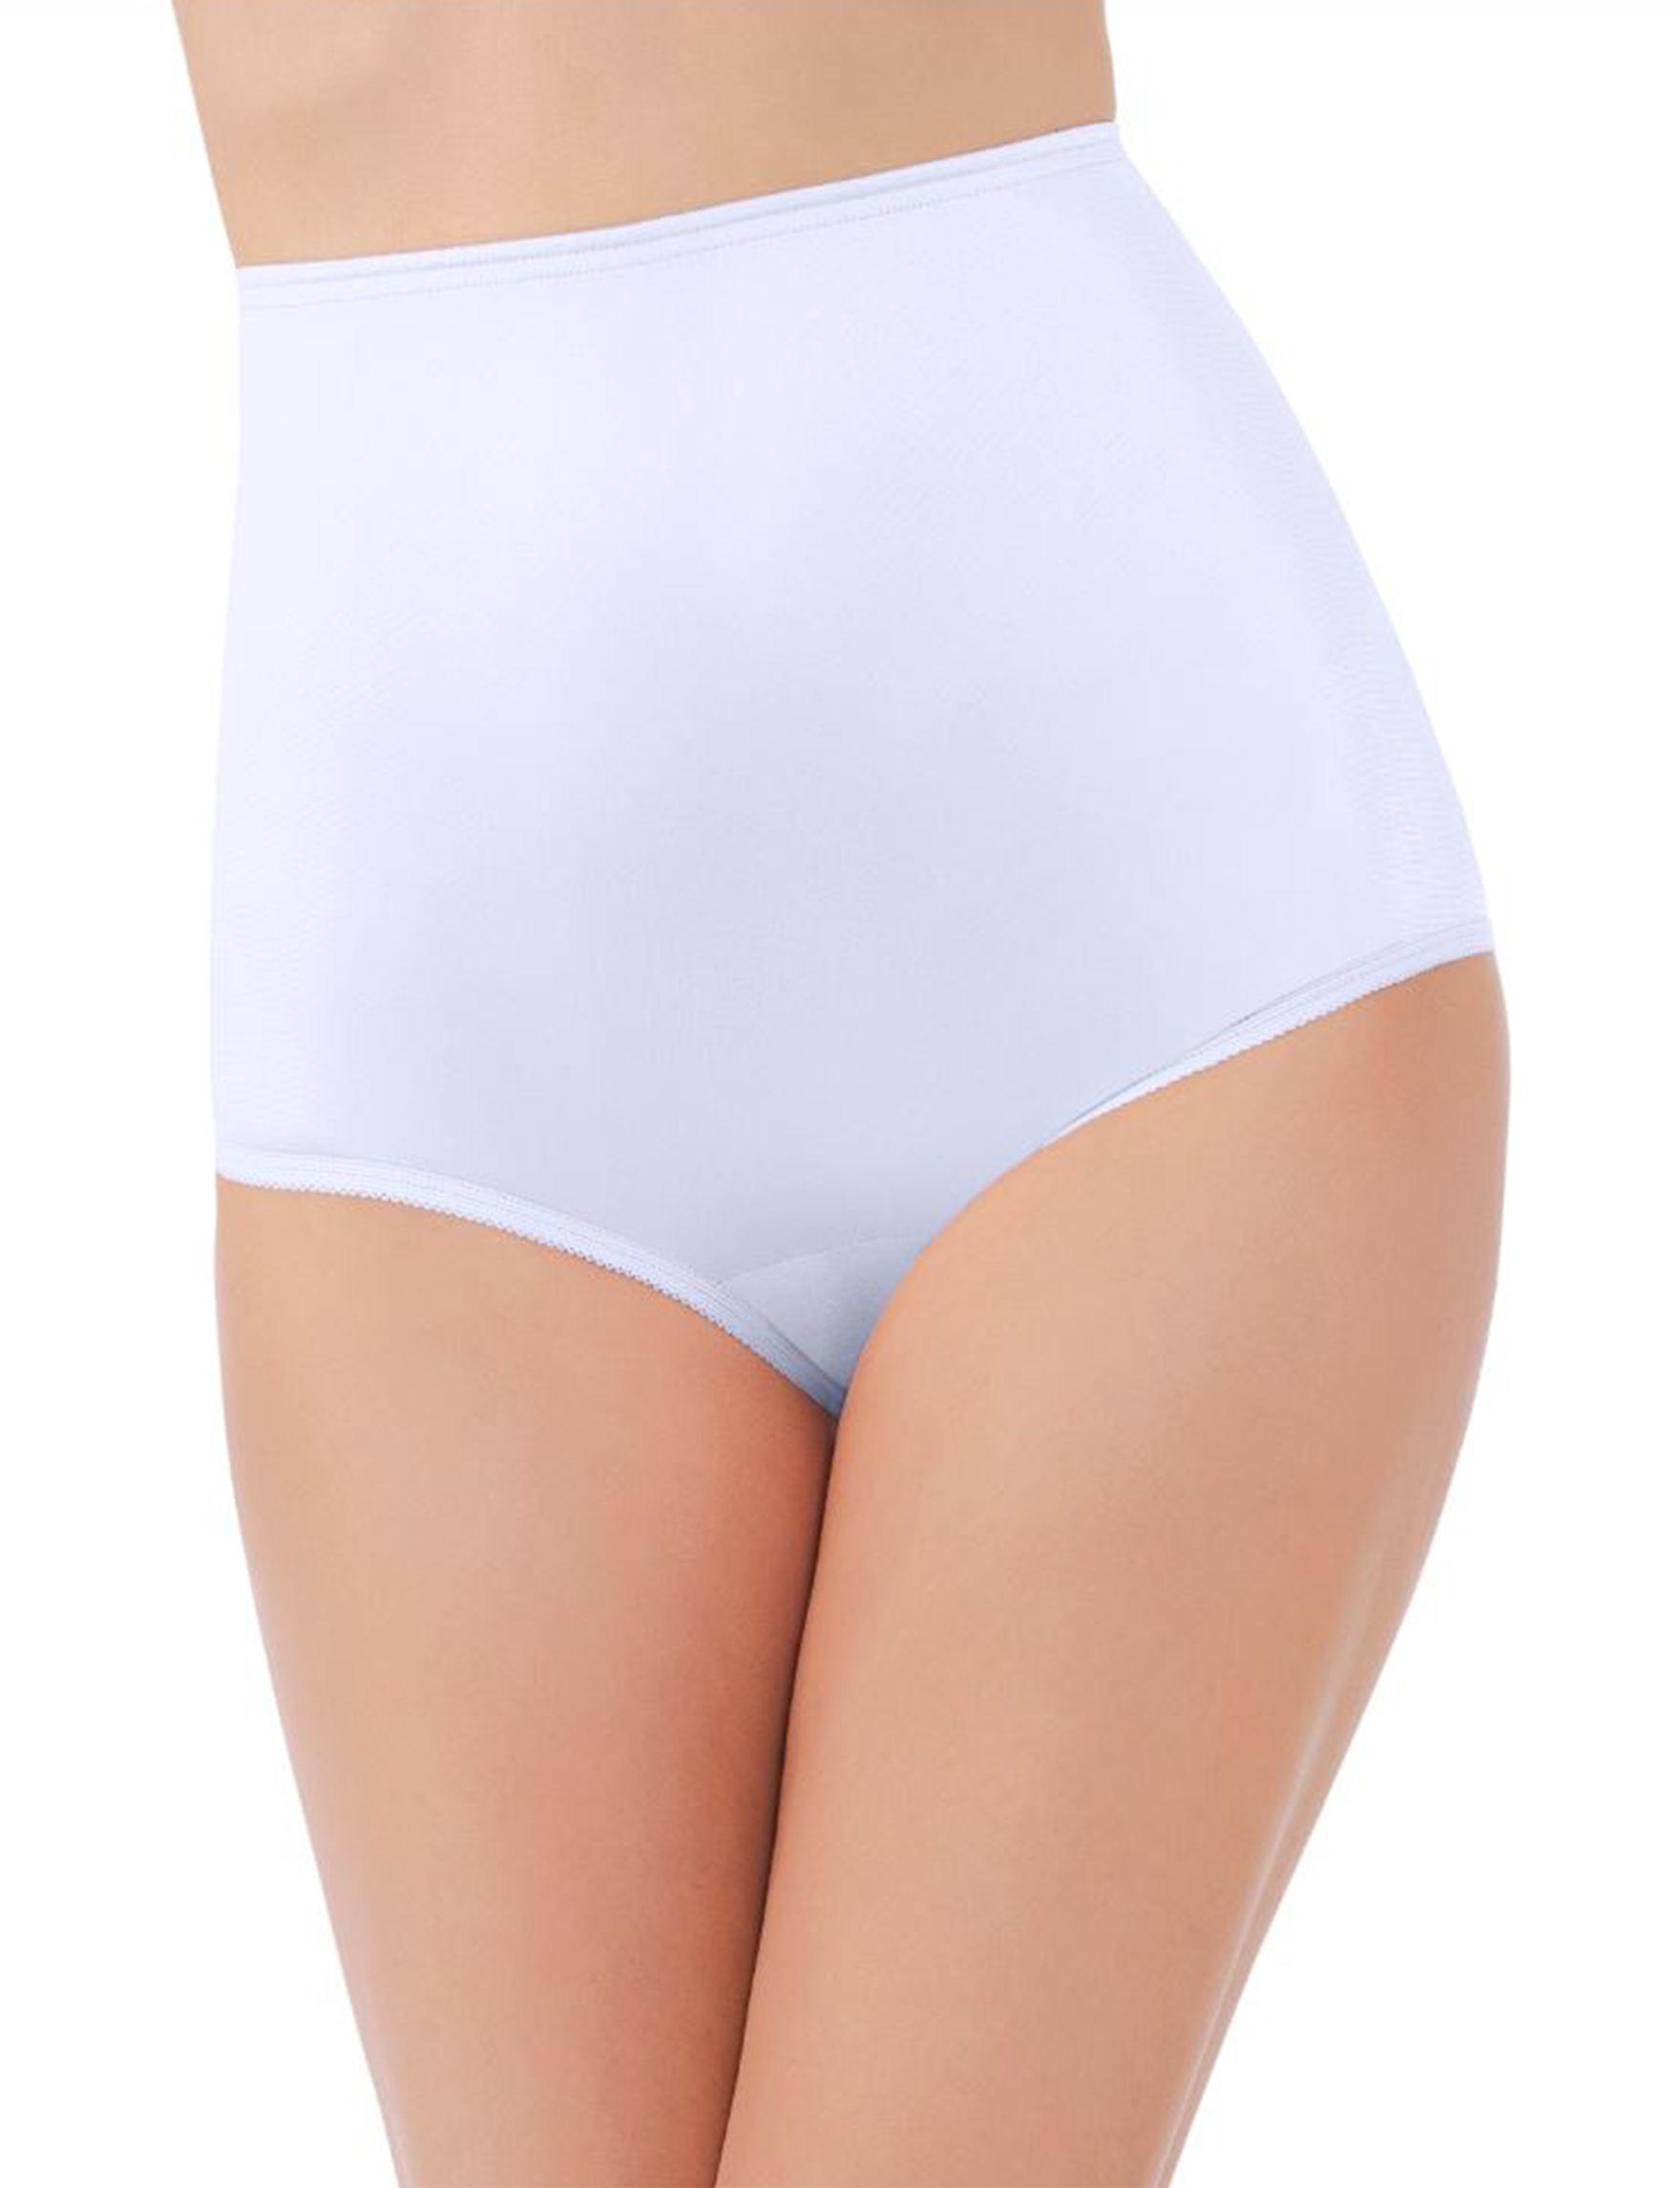 Vanity Fair White Panties Briefs